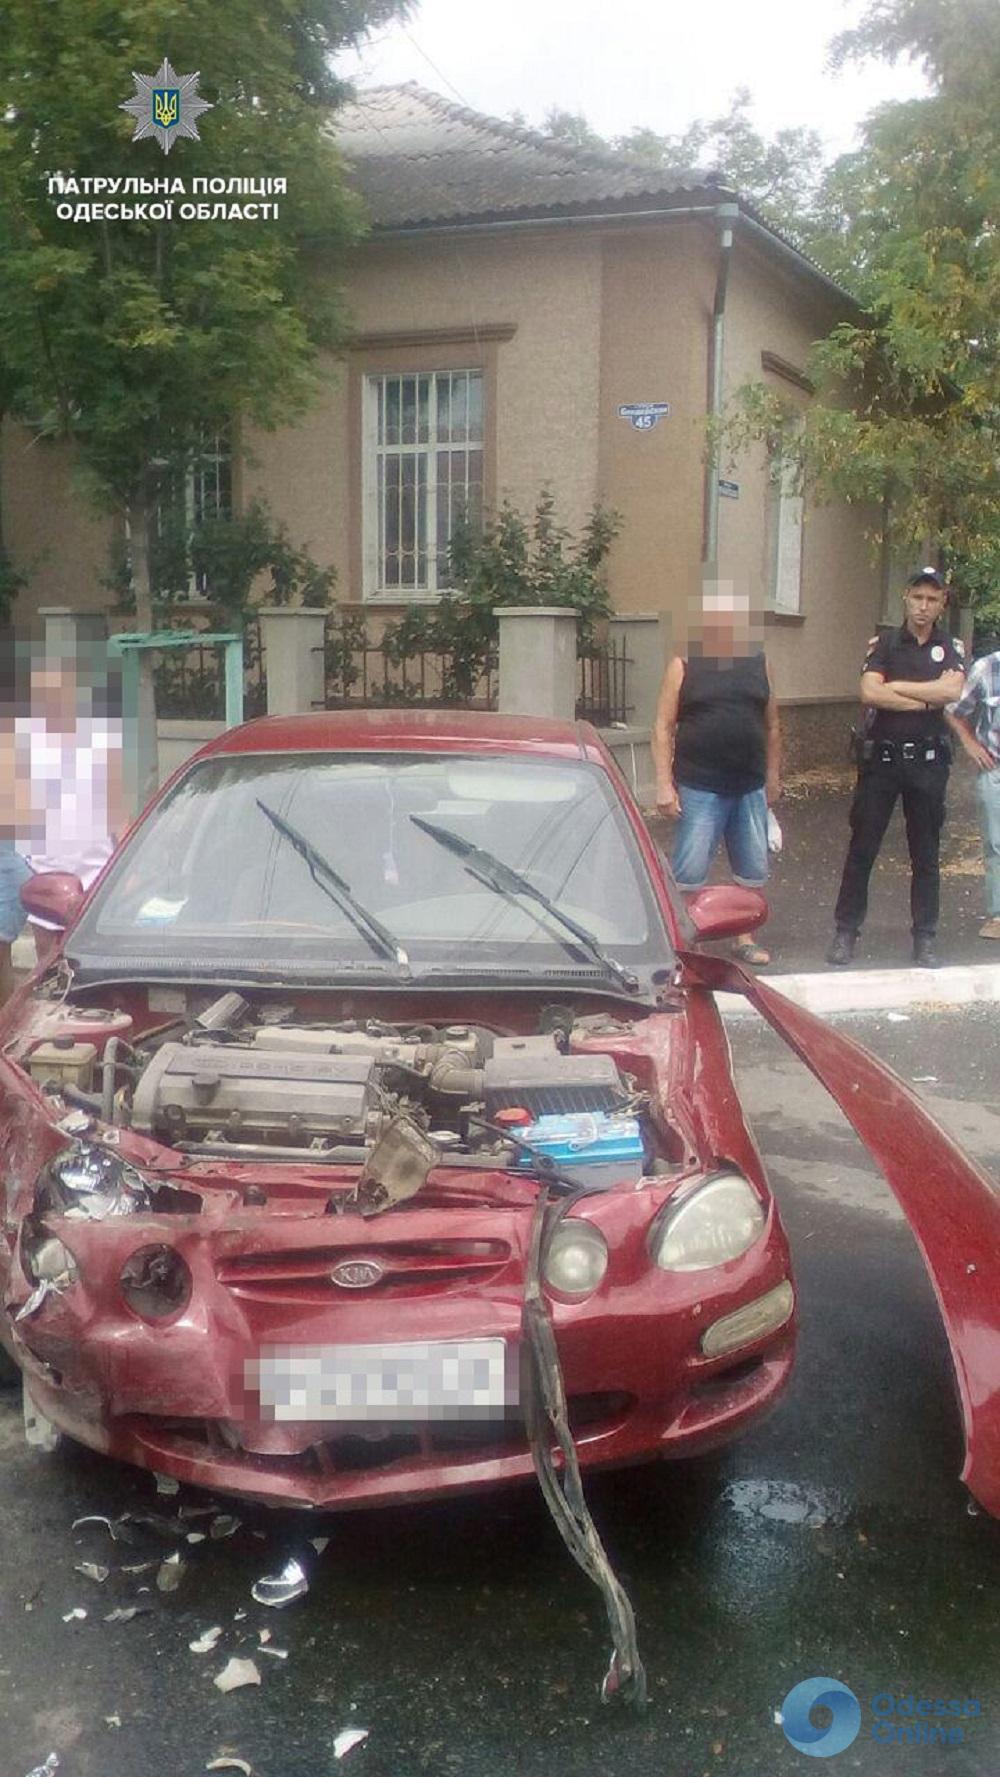 От удара отлетел капот: в Измаиле столкнулись два автомобиля